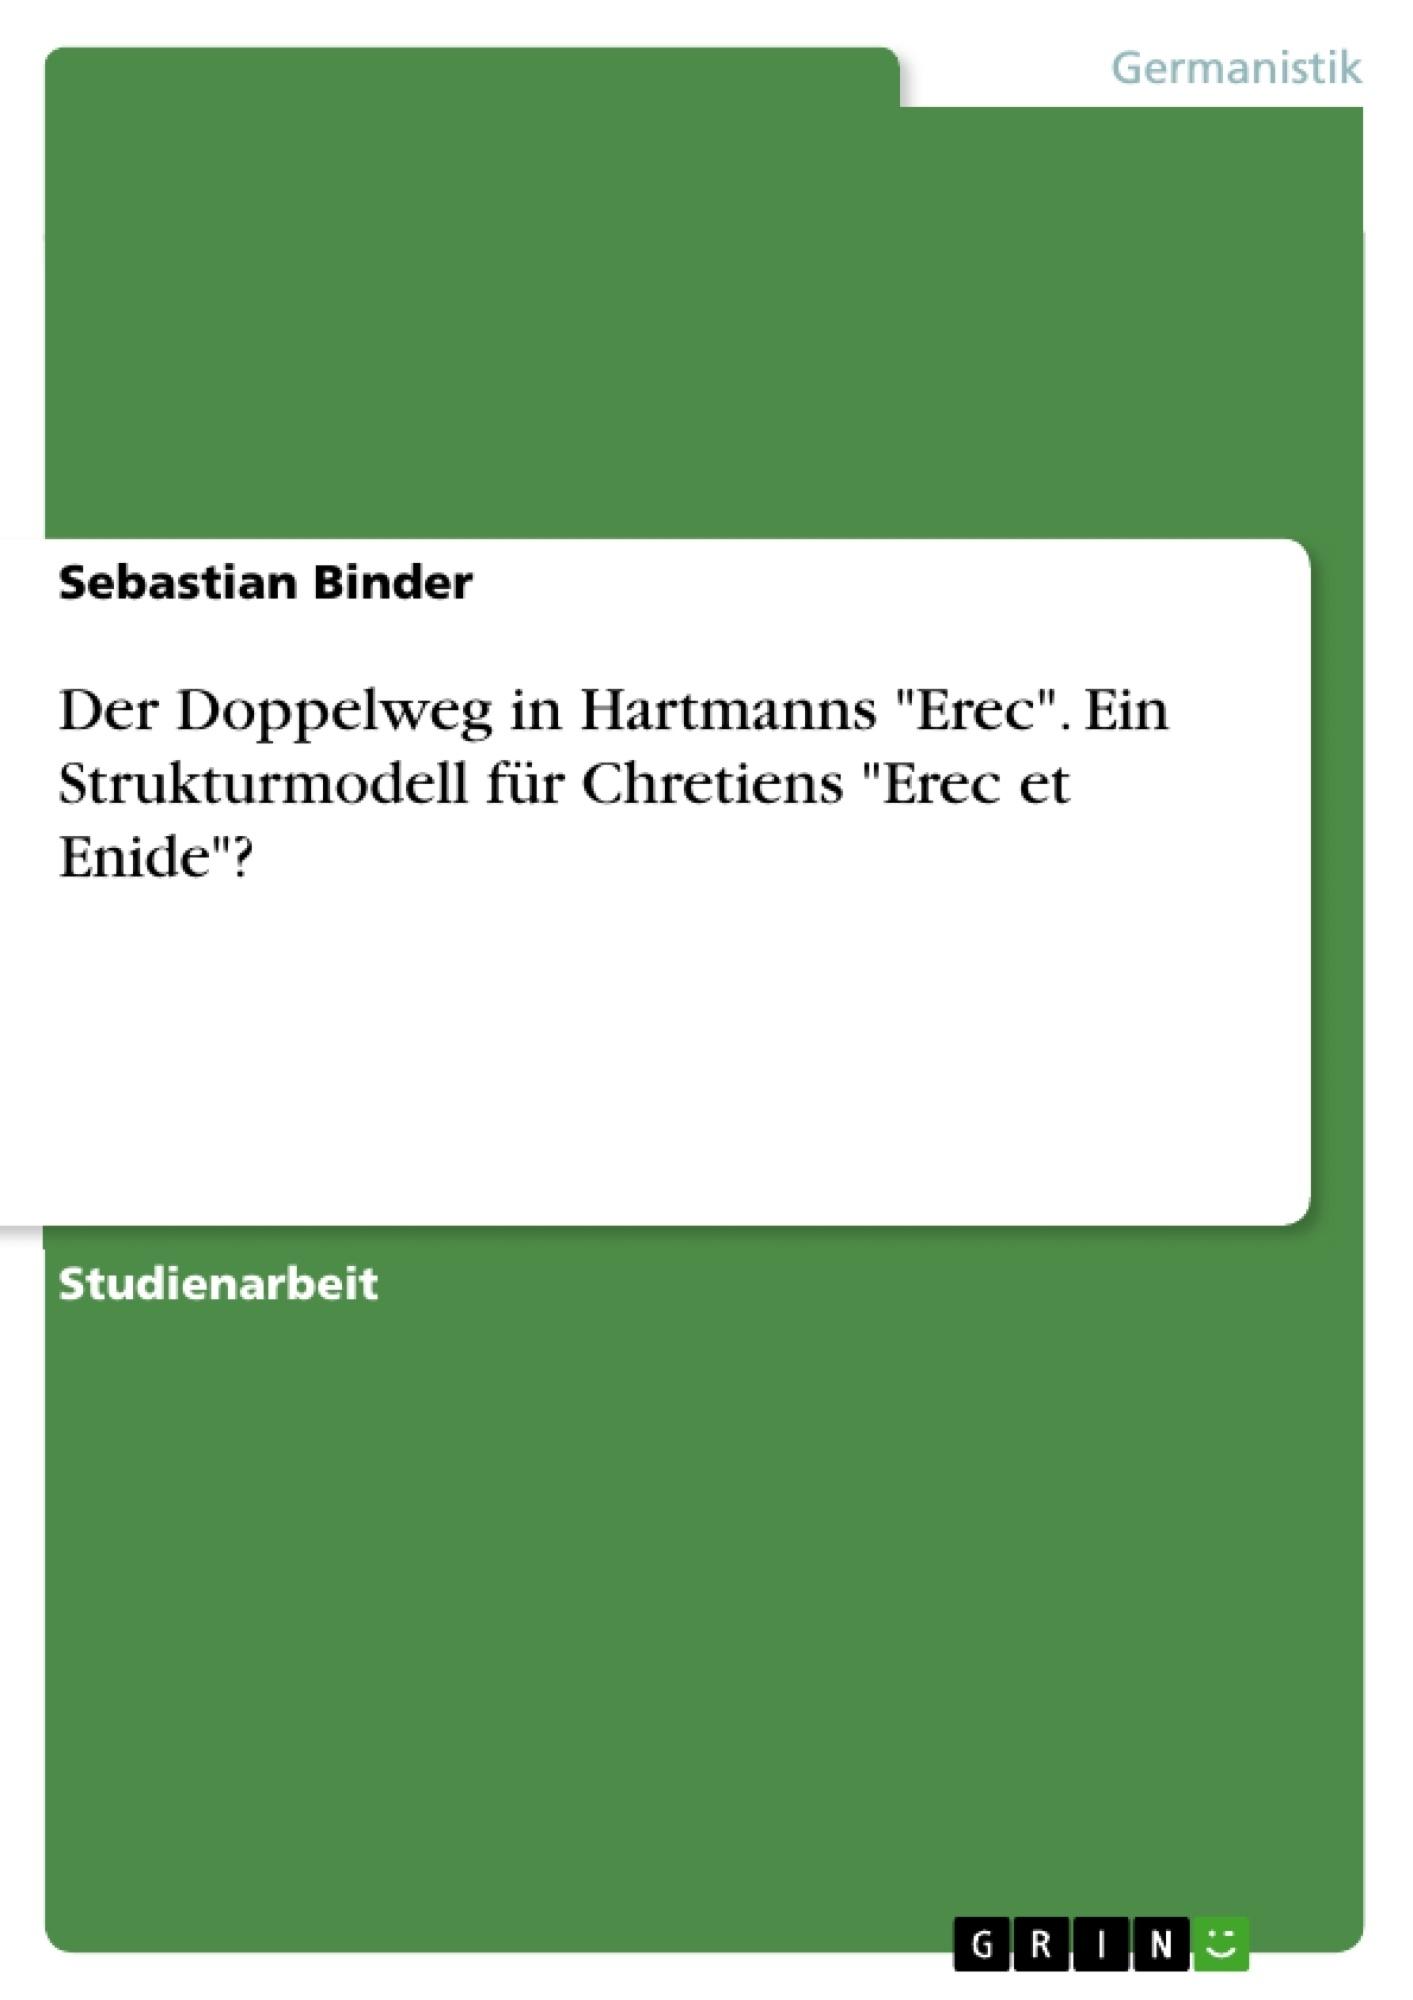 """Titel: Der Doppelweg in Hartmanns """"Erec"""". Ein Strukturmodell für Chretiens """"Erec et Enide""""?"""